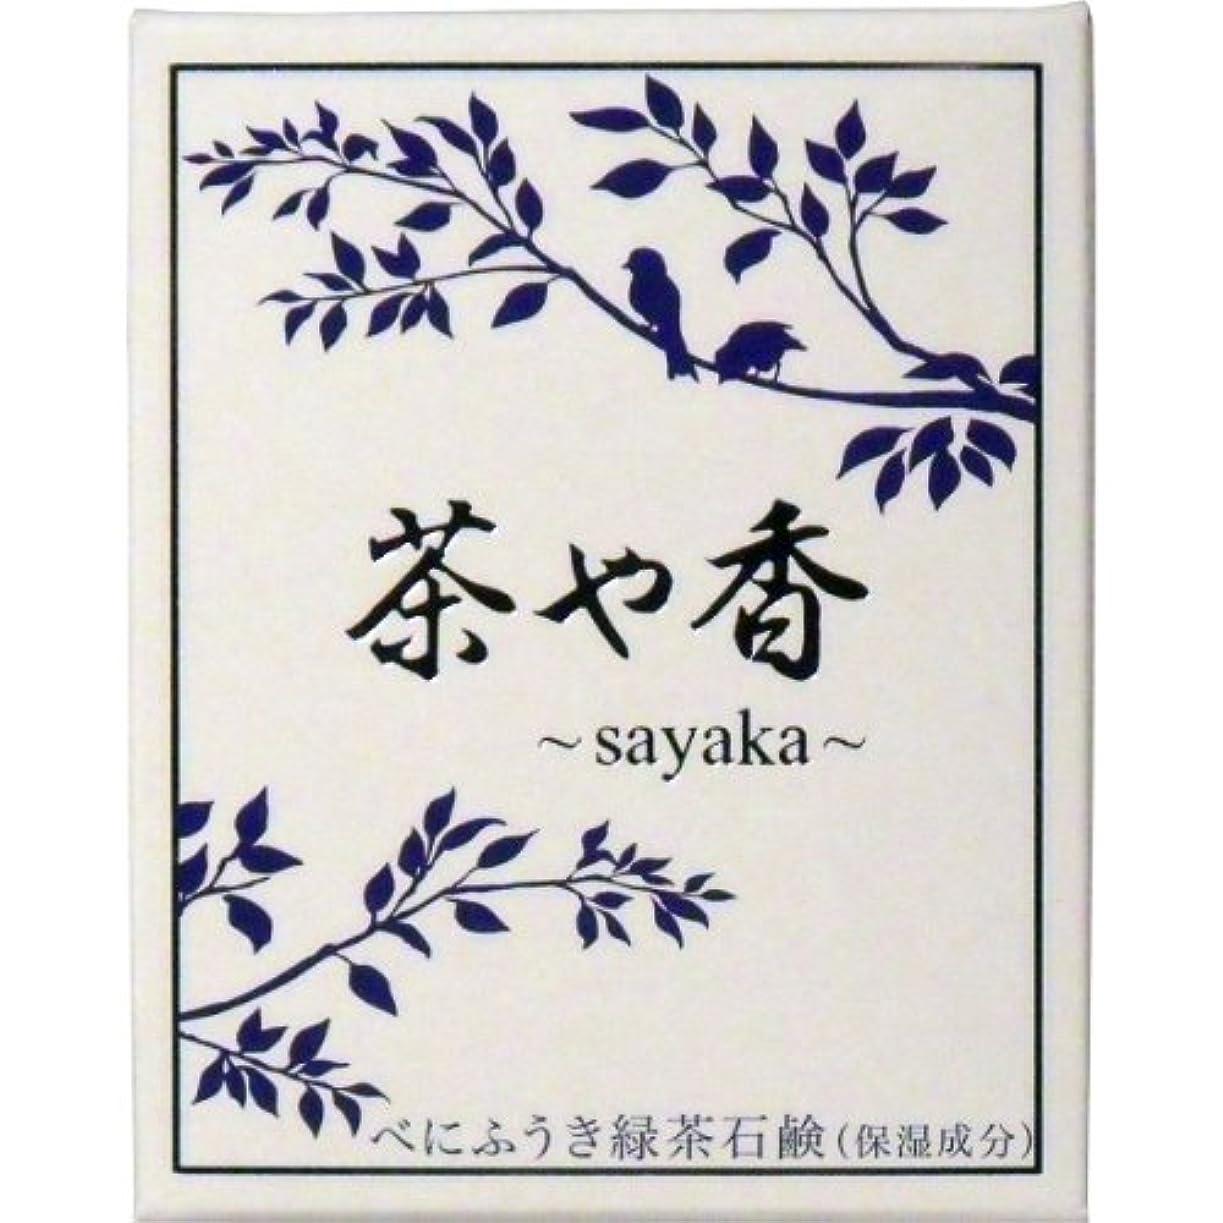 増強評価するタイマー茶や香 -sayaka- べにふうき緑茶石鹸 100g入 ×6個セット